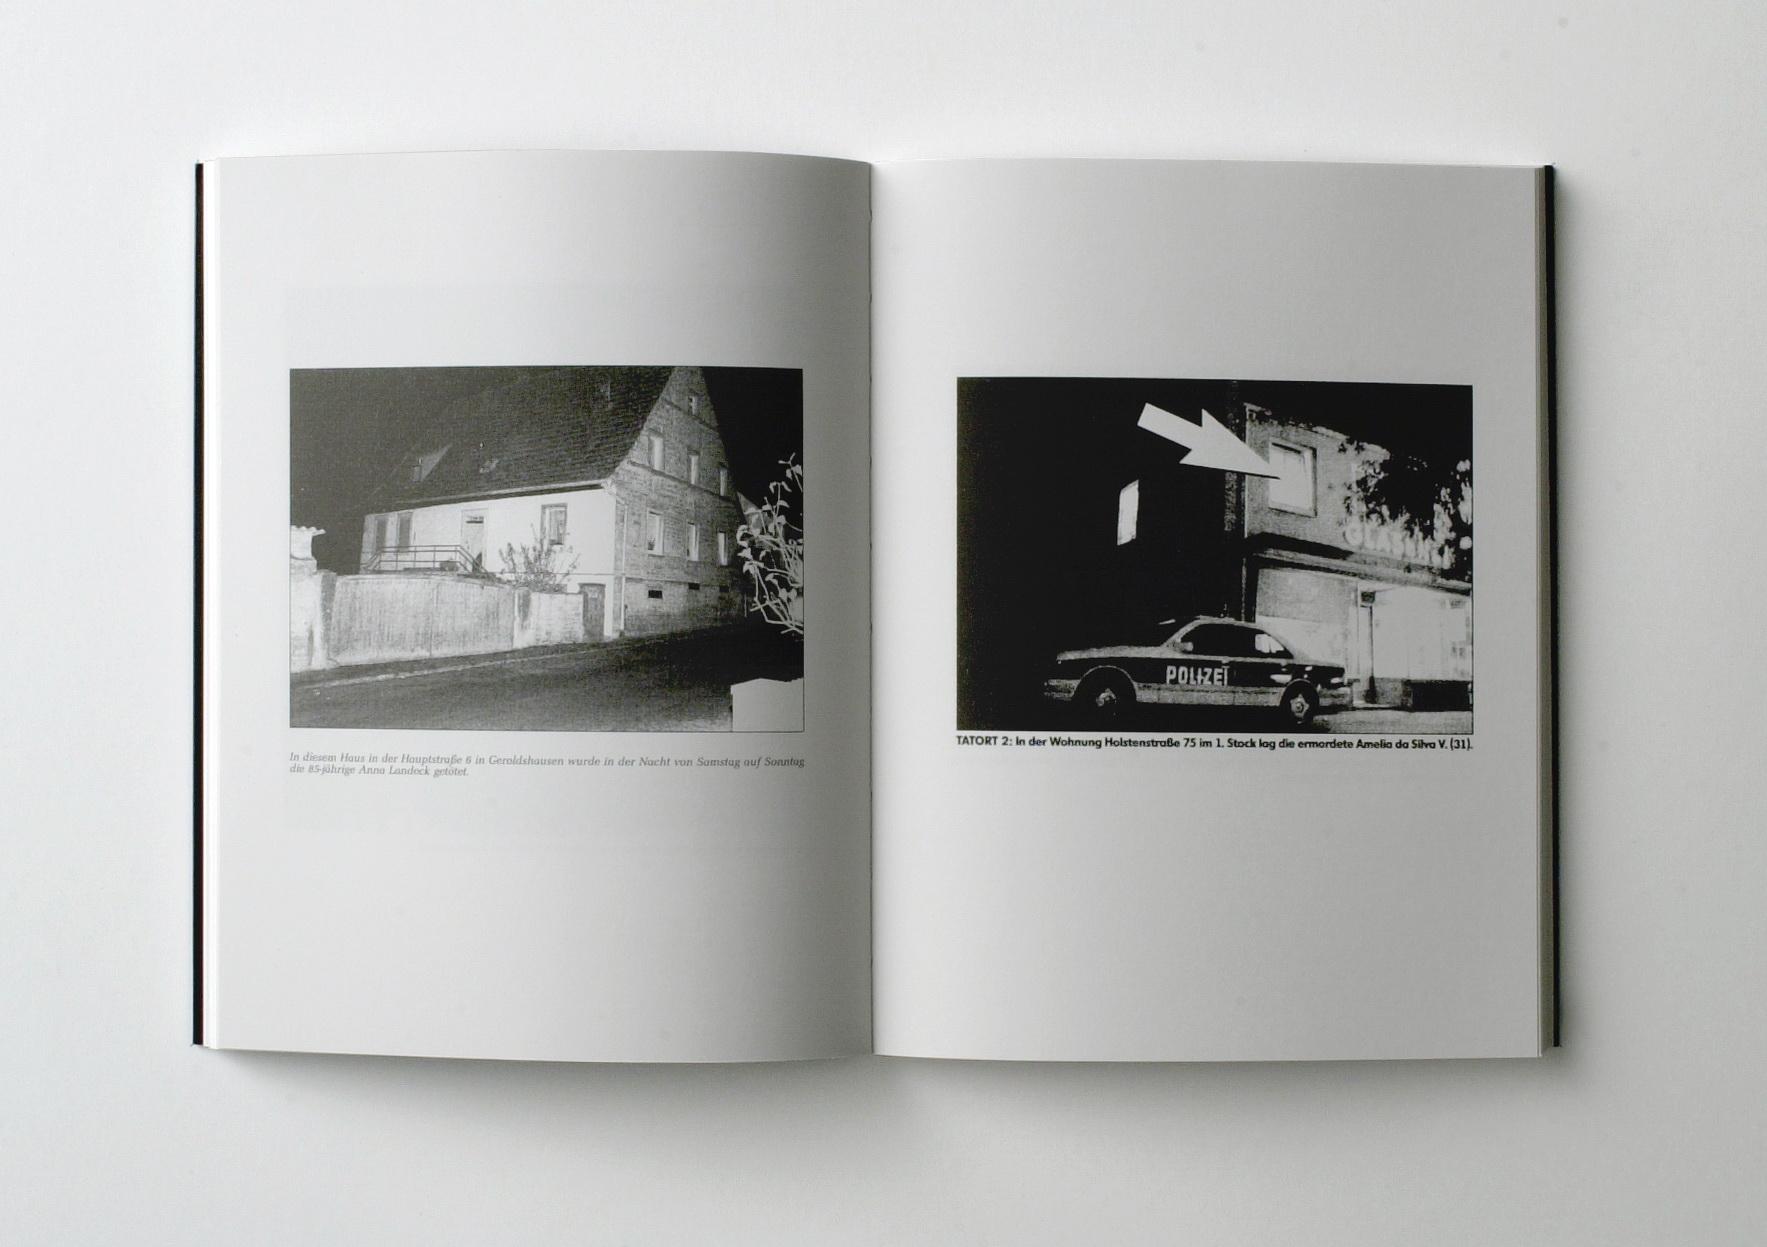 | Archiv Peter Piller Bd. 1: Durchsucht und versiegelt | ProjecteSD